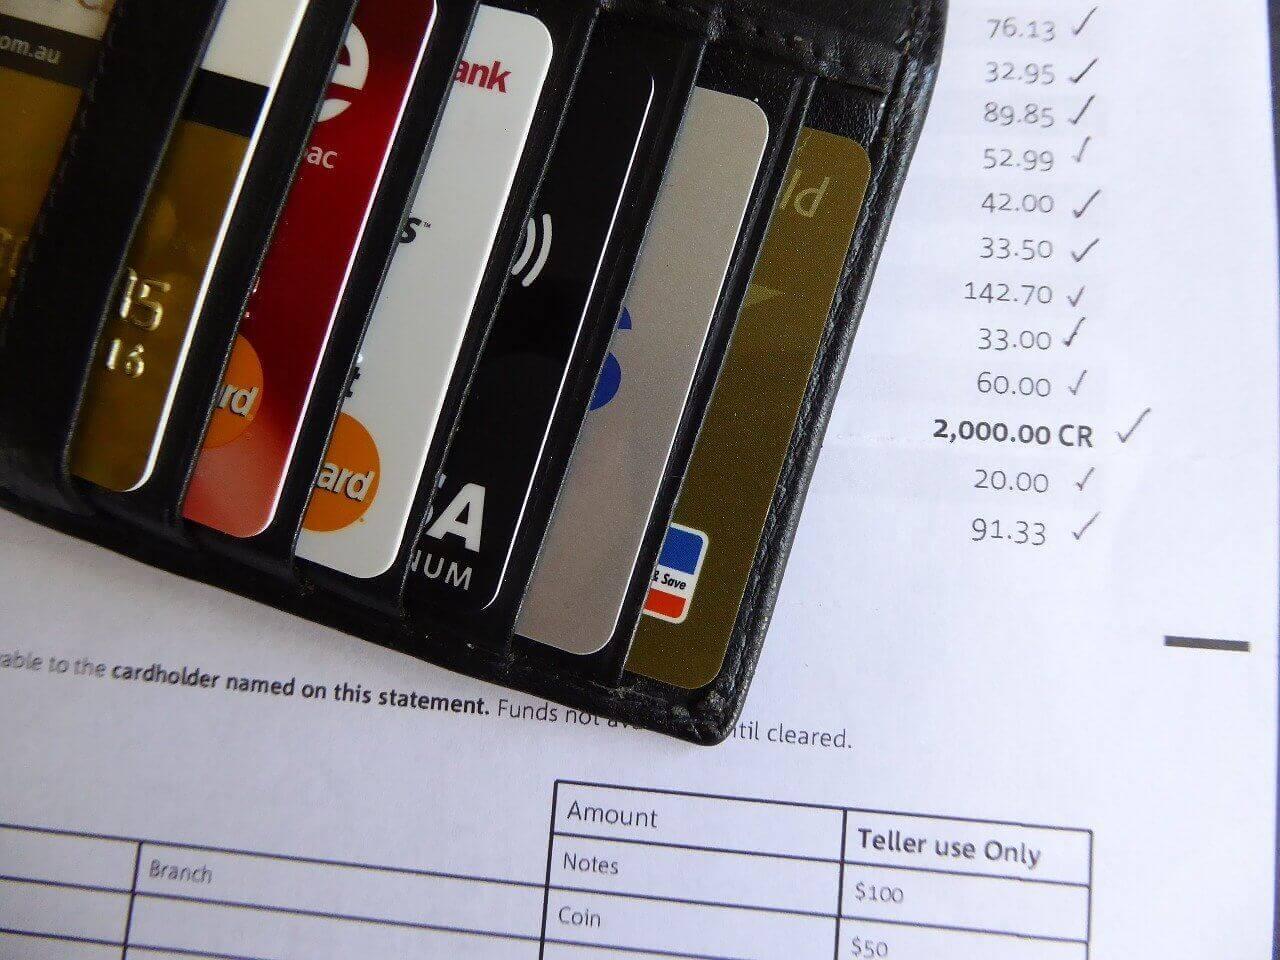 Företagskort företagsupphandlat kreditkort